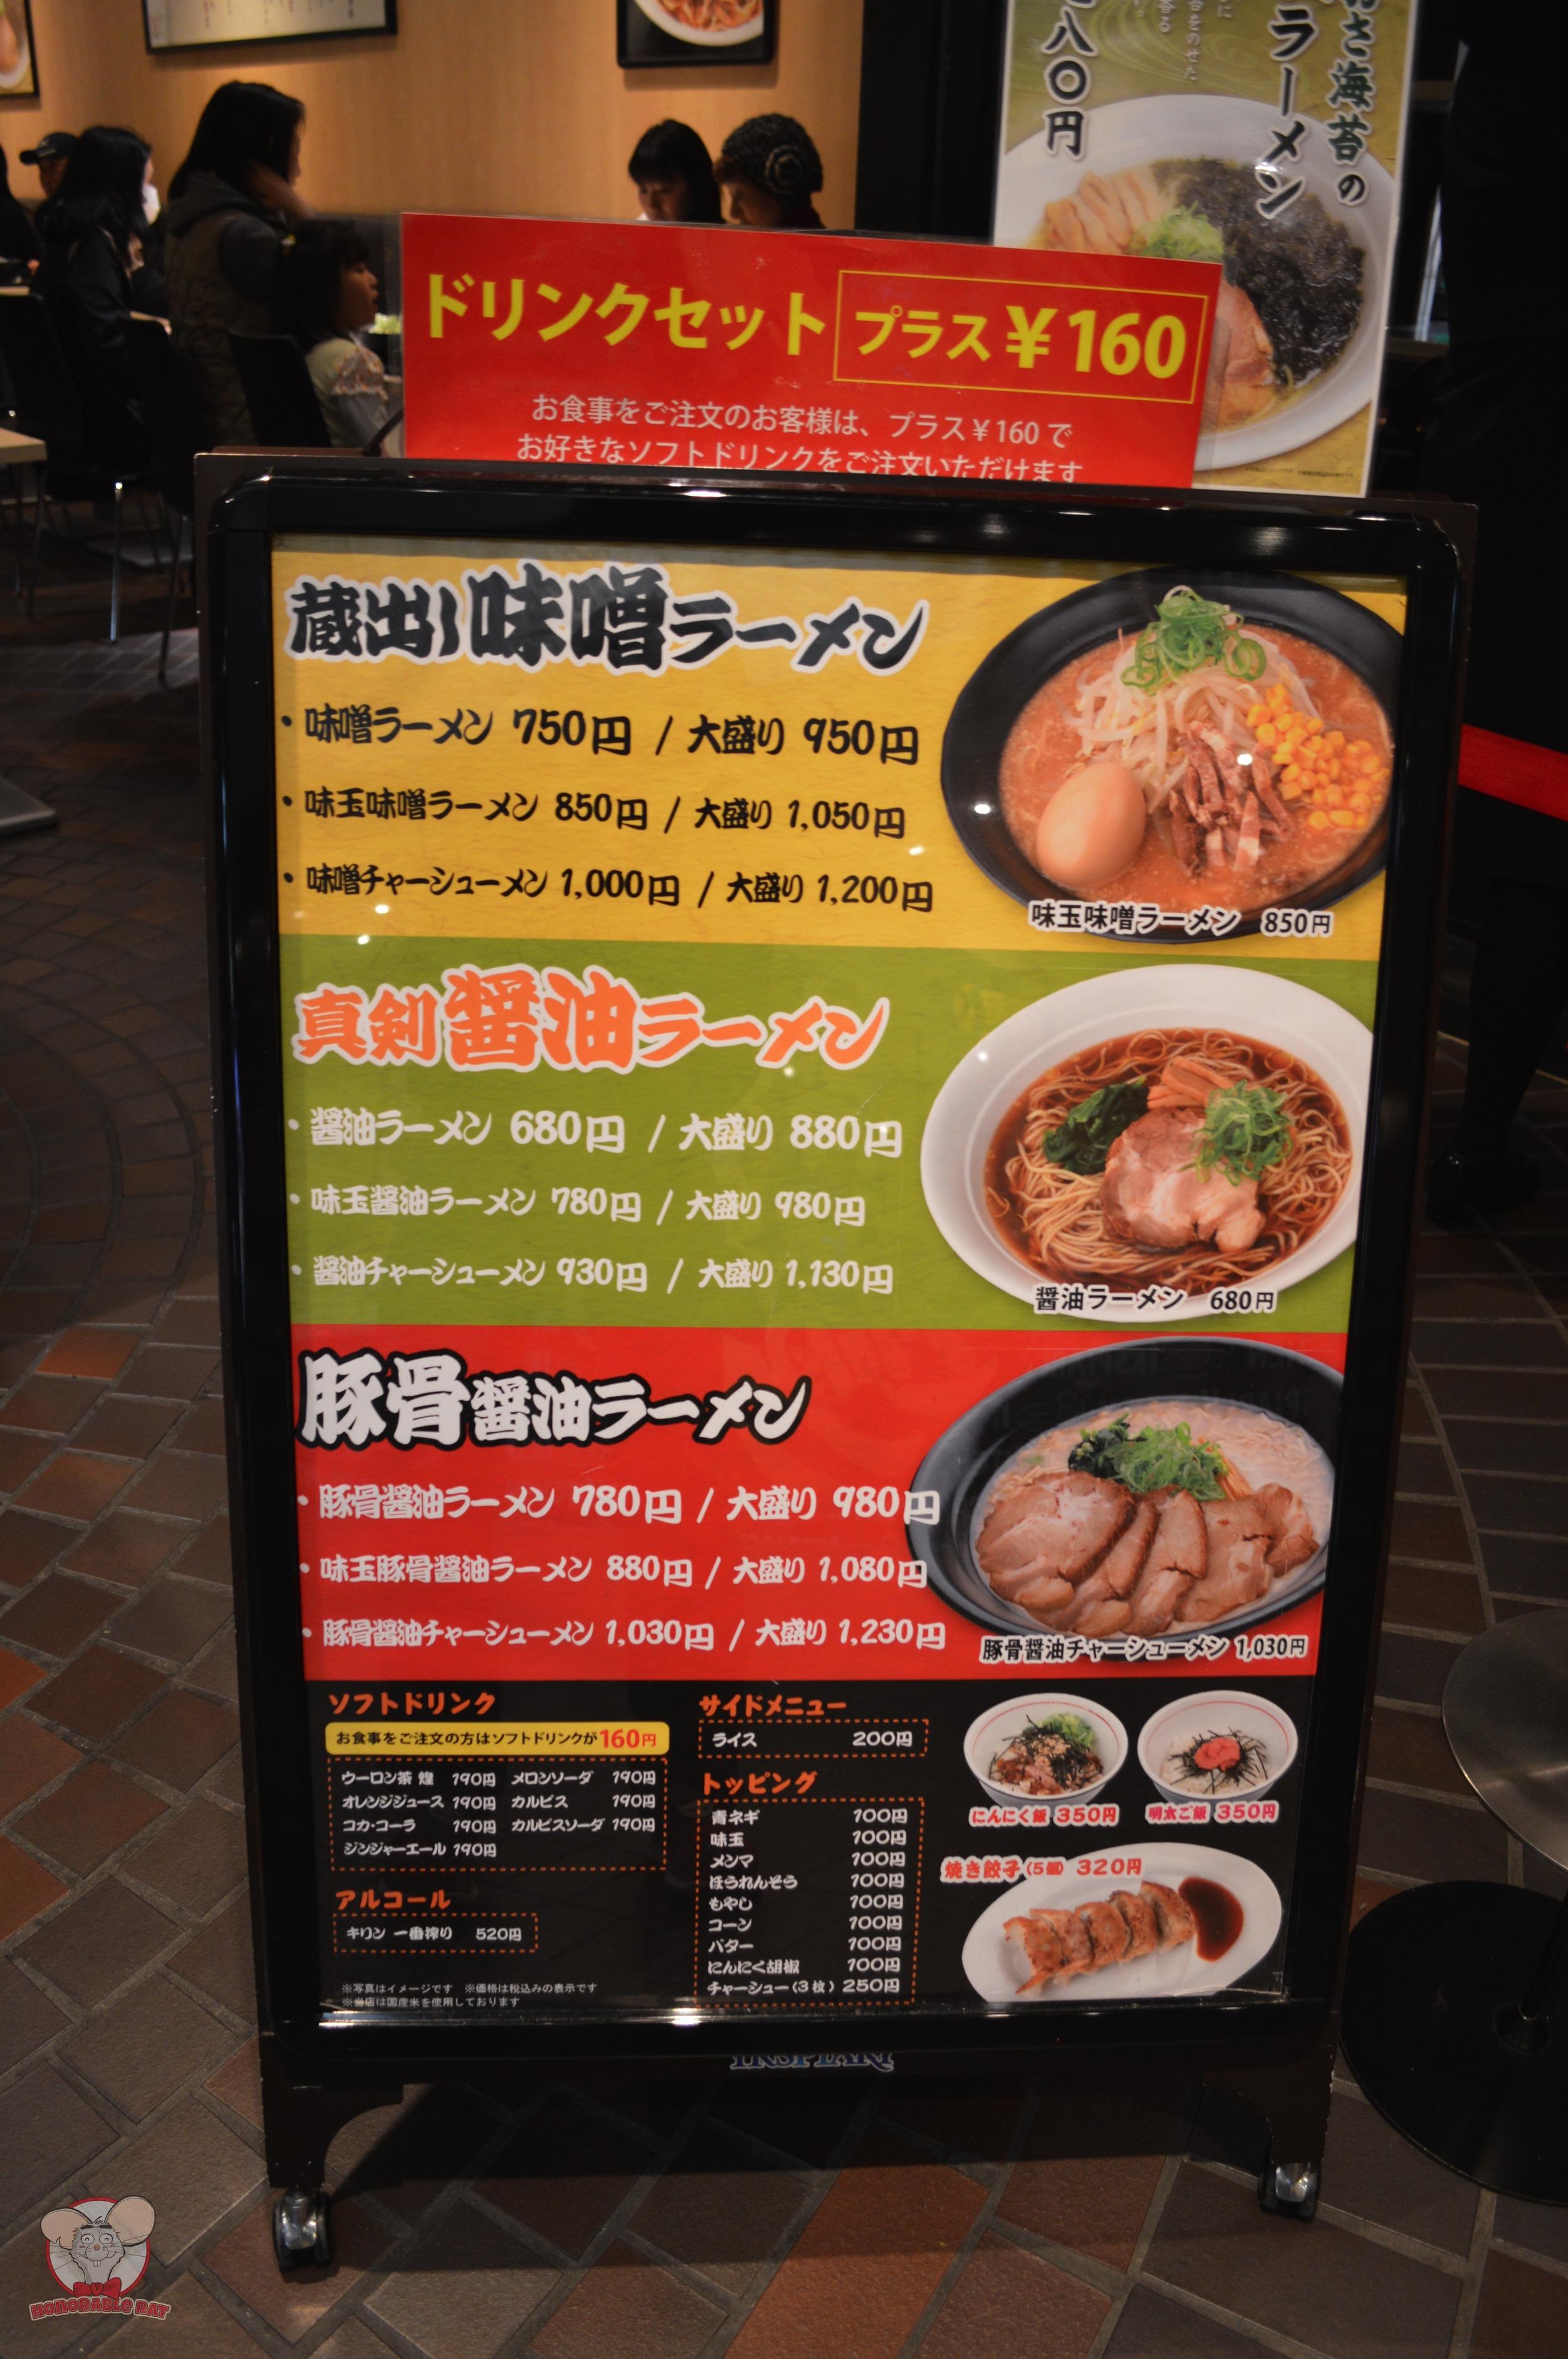 Top (Yellow) : Kuradashi Miso Ramen, Middle (Green) : Shinken Shoyu Ramen, Bottom (Red) : Tonkotsu Shoyu Ramen